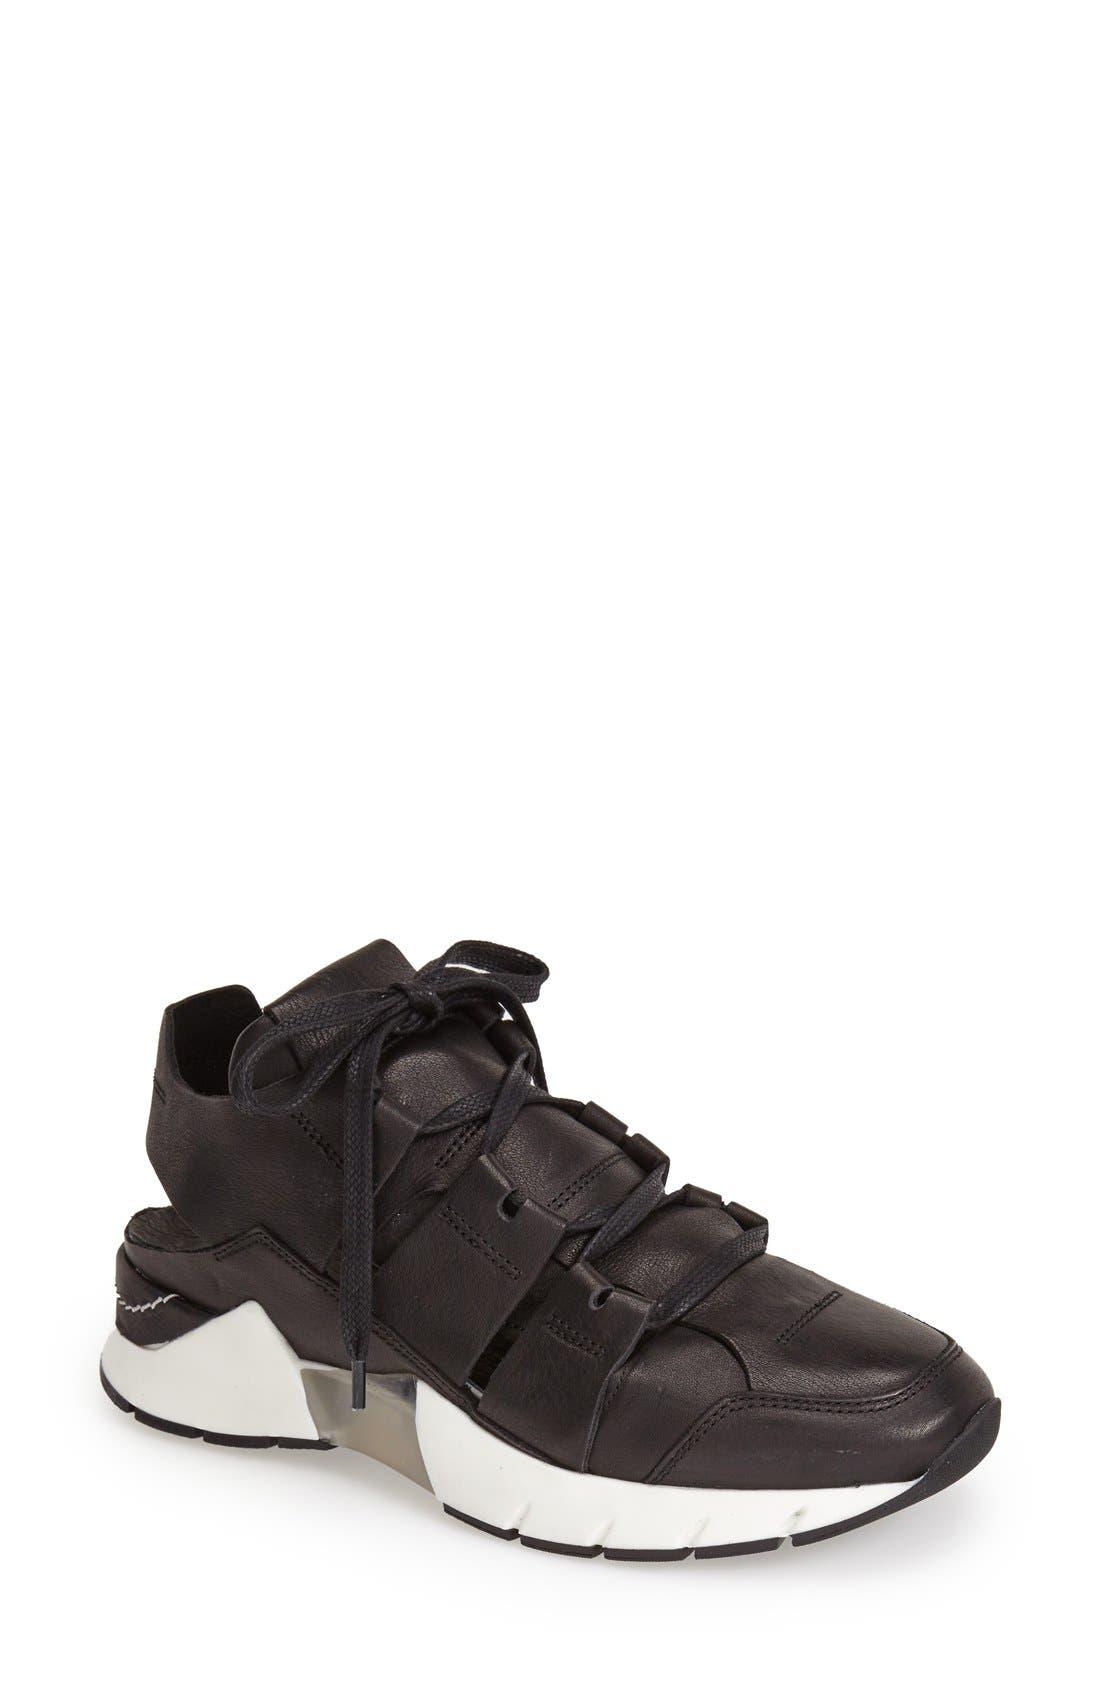 Main Image - CA by CINZIA ARAIA Cutout Leather Sneaker (Women)